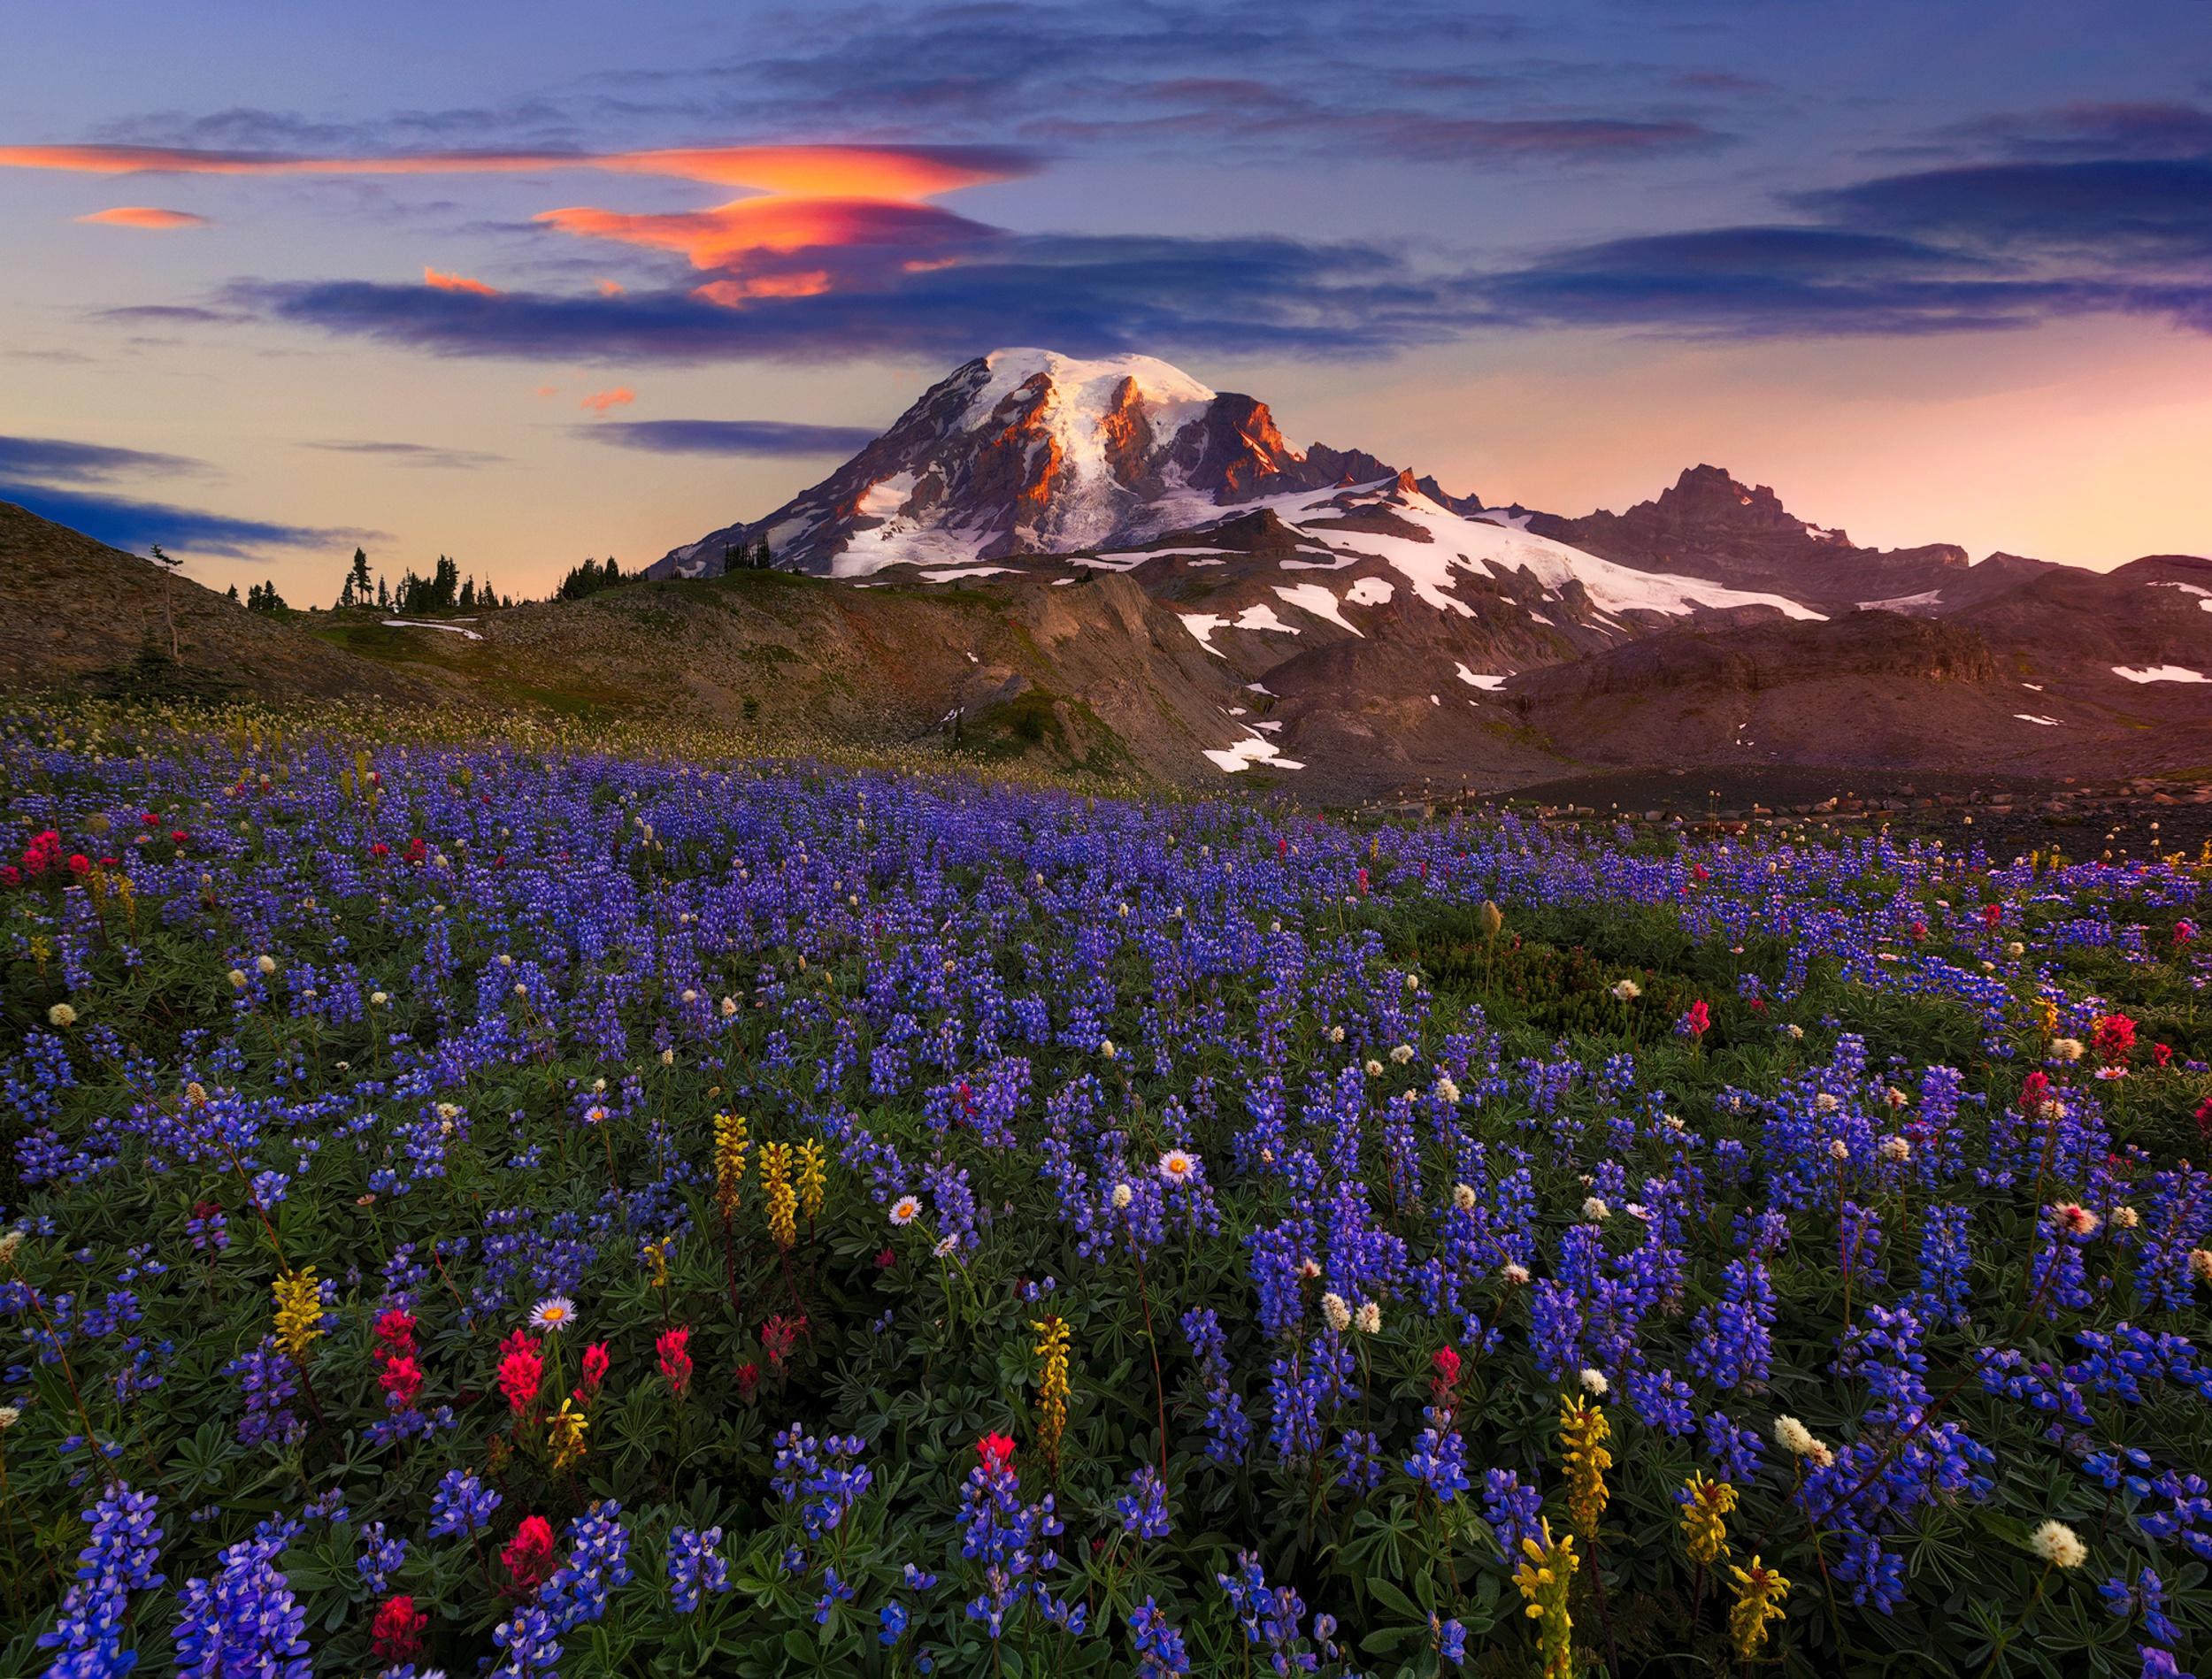 задача, цветущие горы картинка тюнинг-ателье анонсировало для